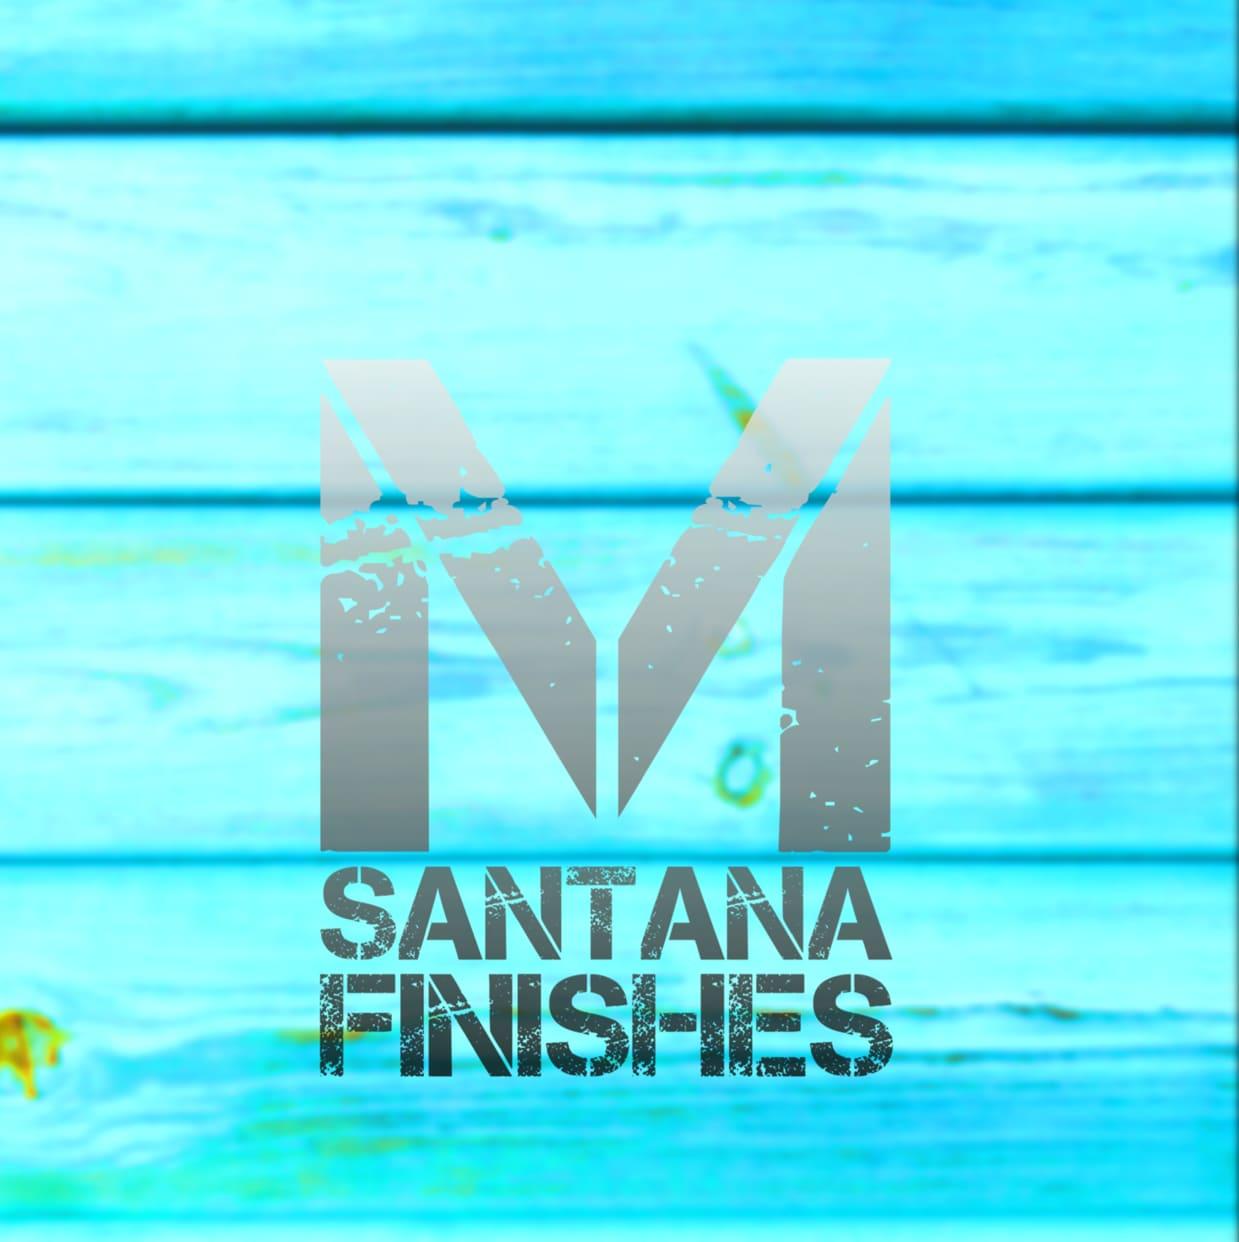 M. Santana Custom Finishes